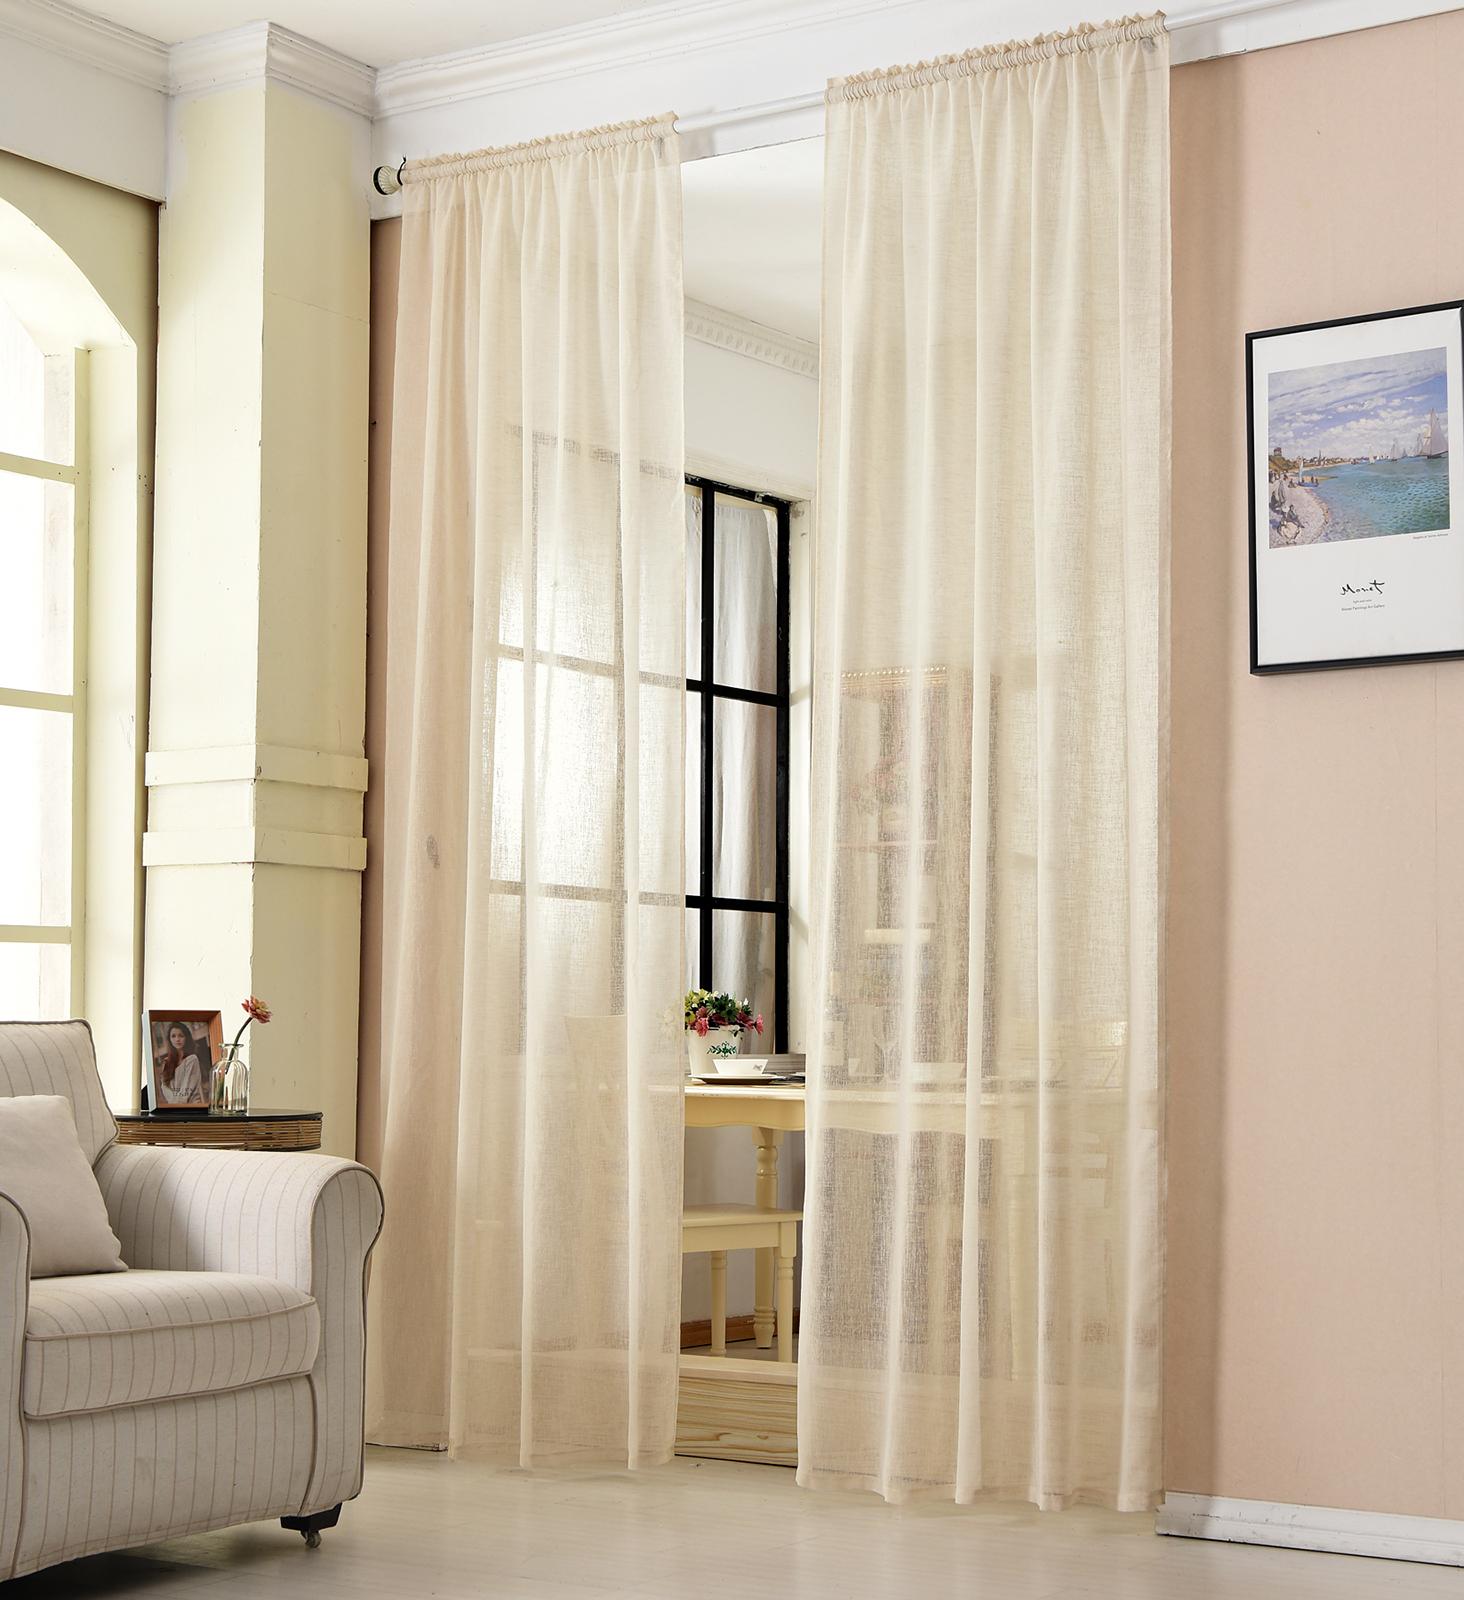 gardinen stores kr uselband vorhang transparent schal voile leinen optik 630 ebay. Black Bedroom Furniture Sets. Home Design Ideas